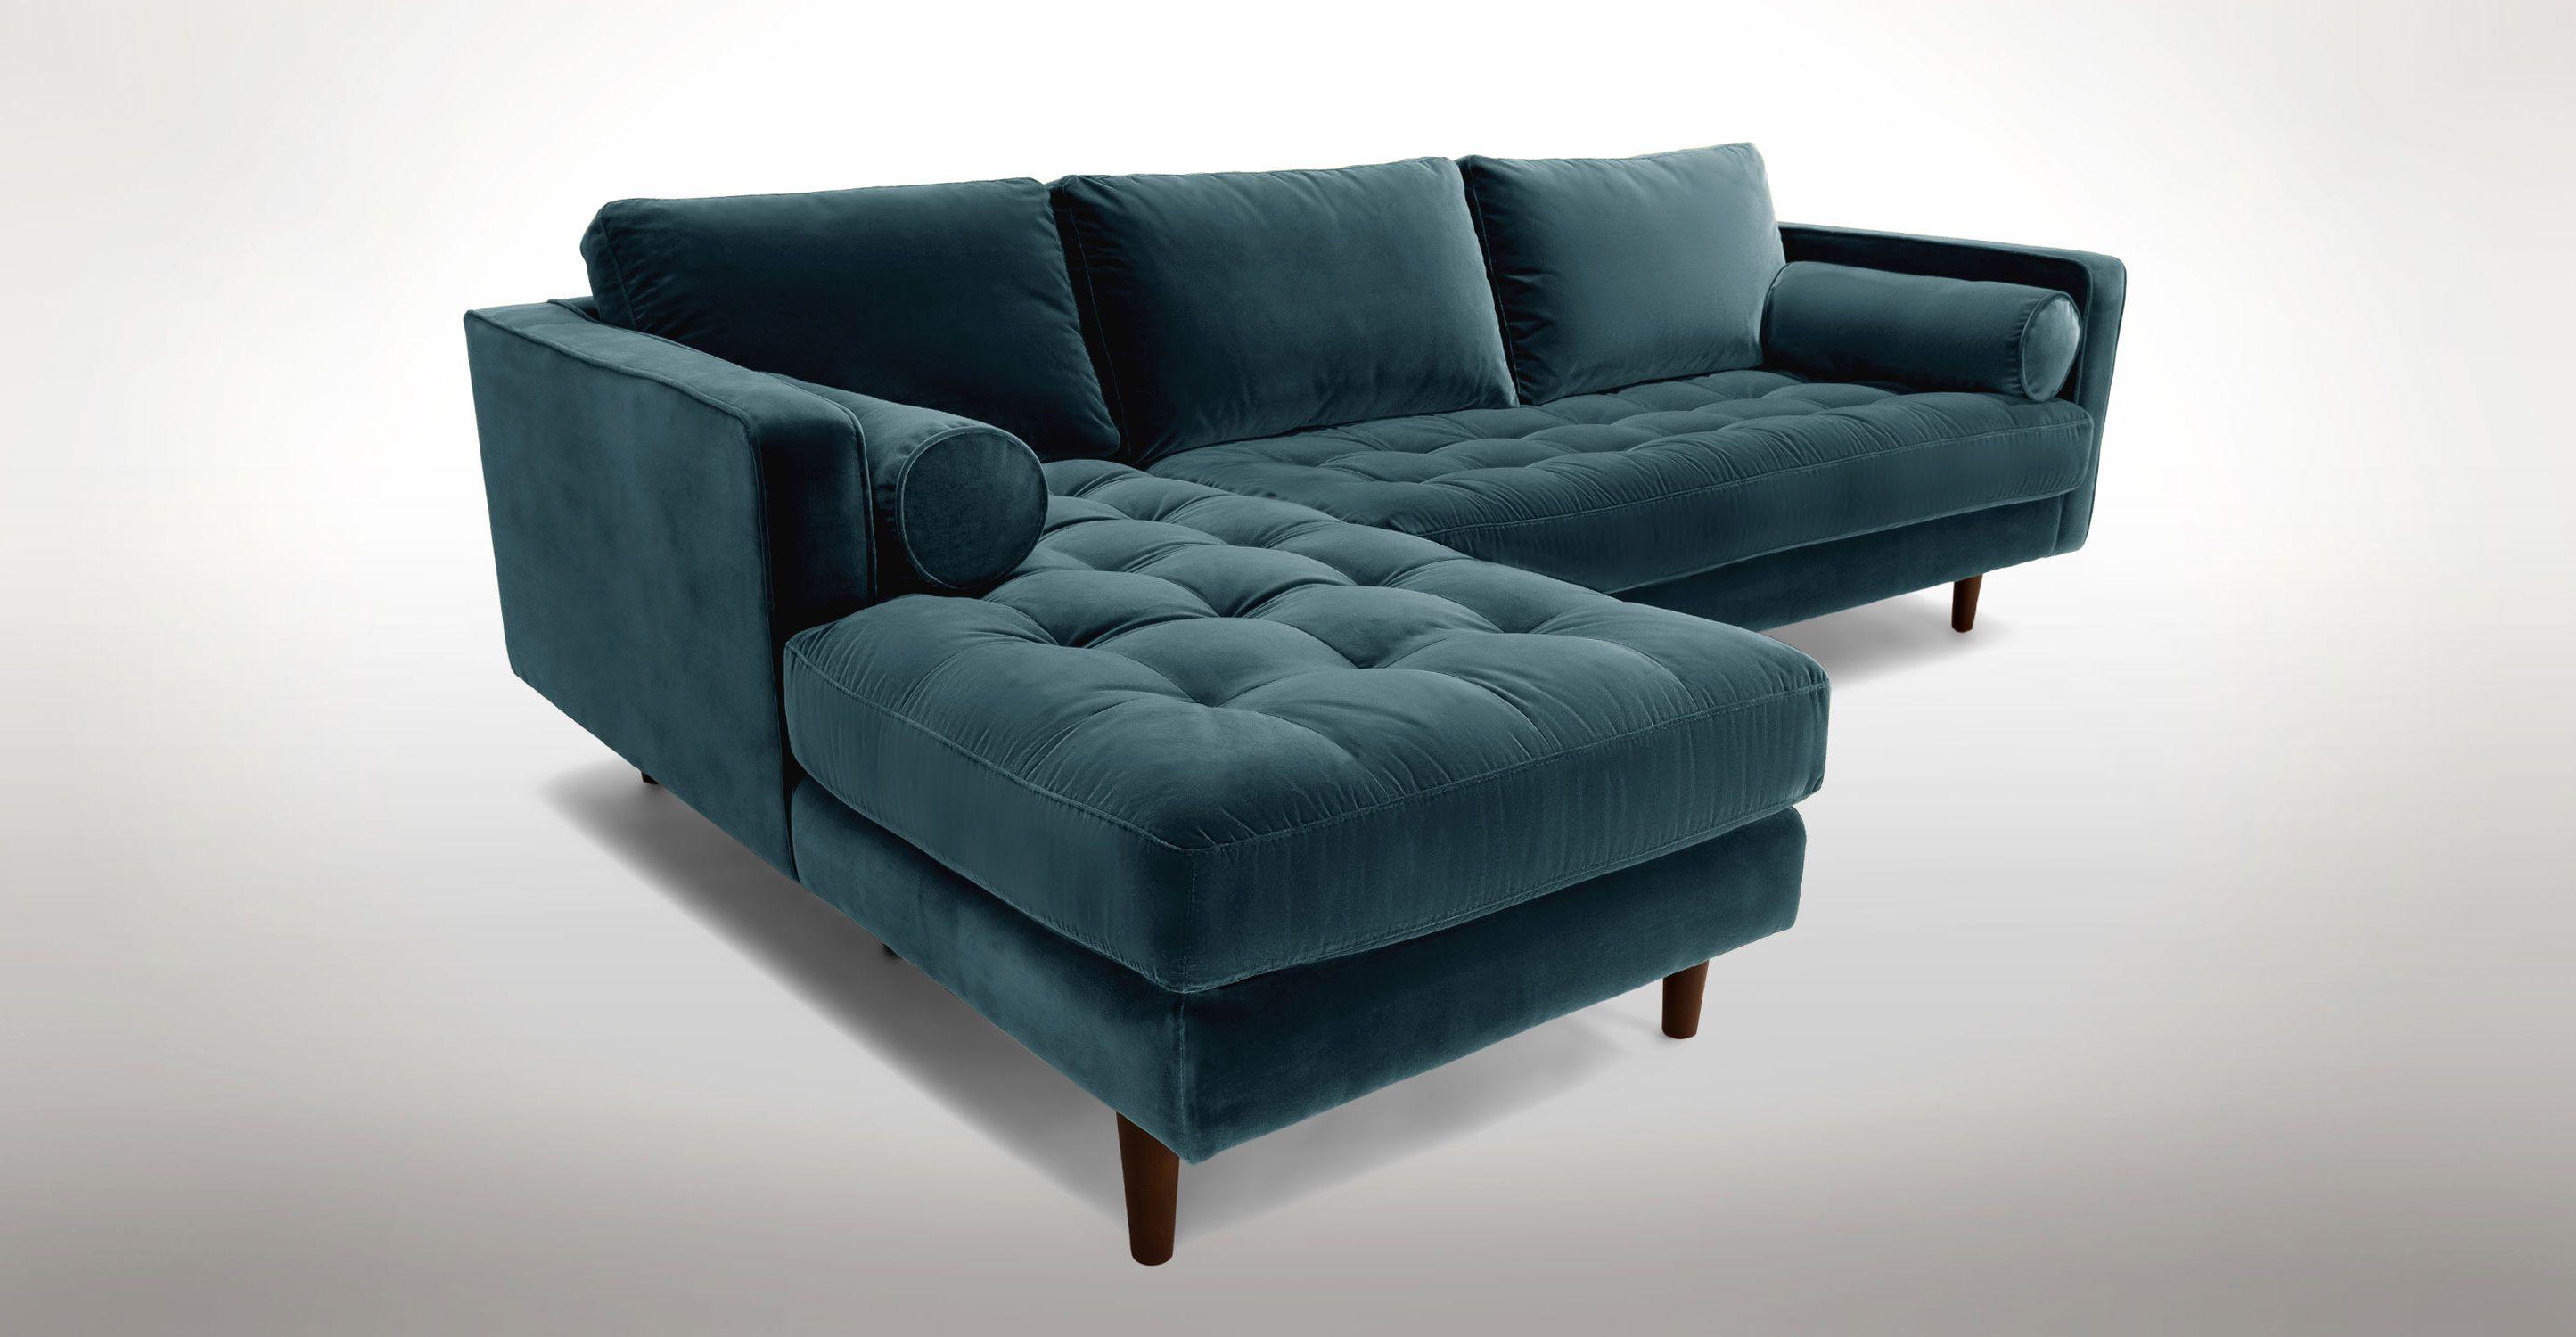 blue velvet left sectional tufted article sven modern furniture